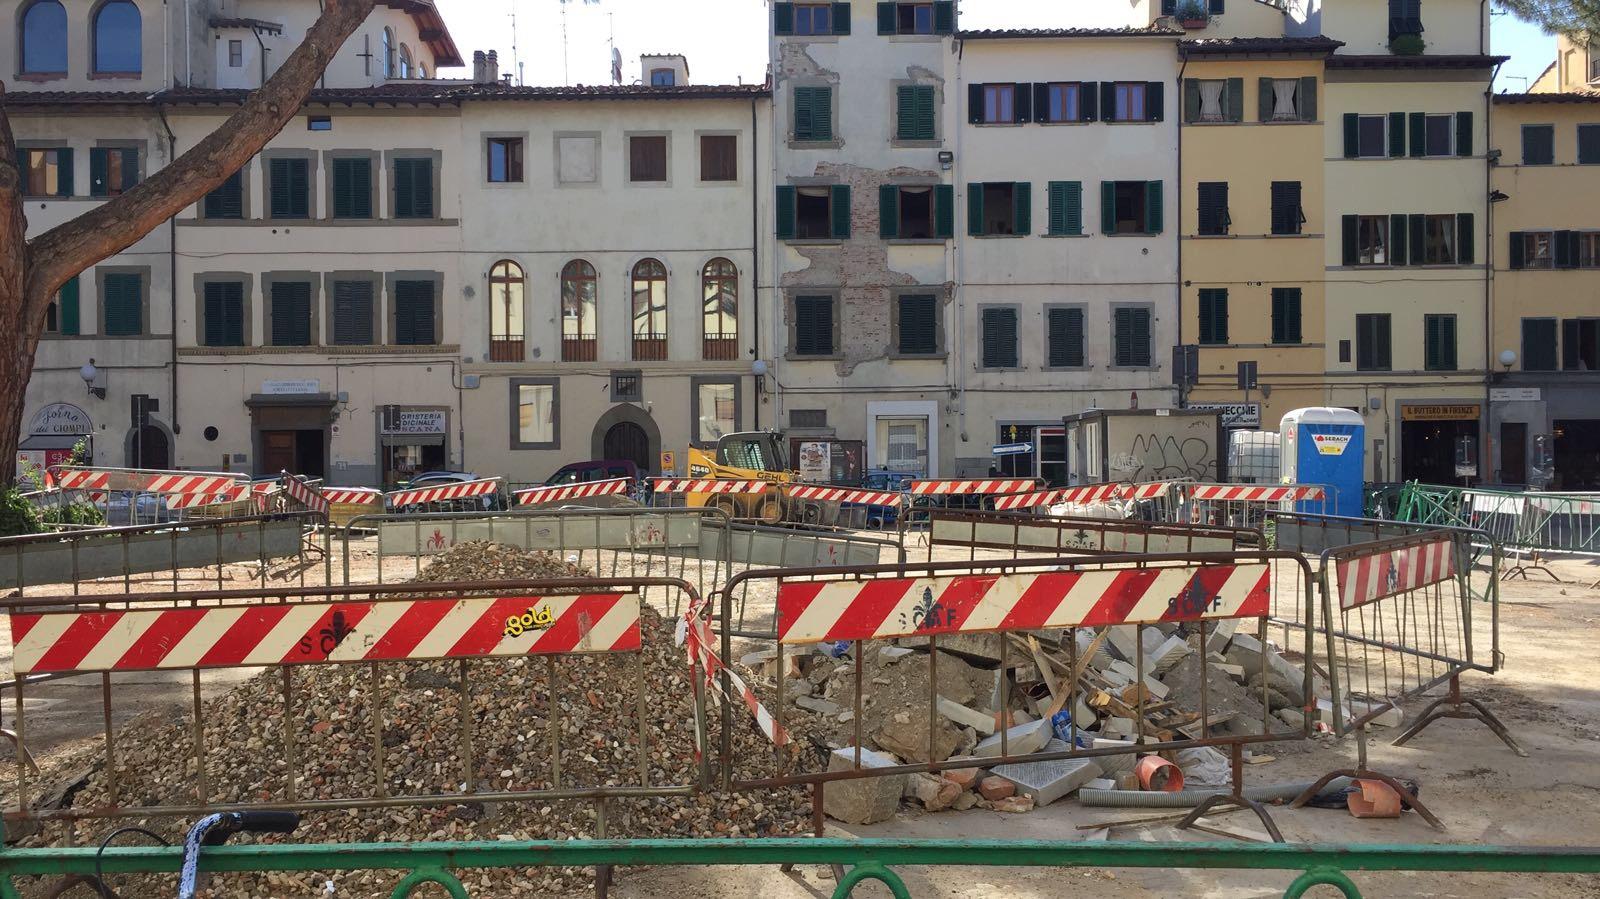 Firenze piazza dei ciompi a che gioco stiamo giocando for Piazza dei ciompi